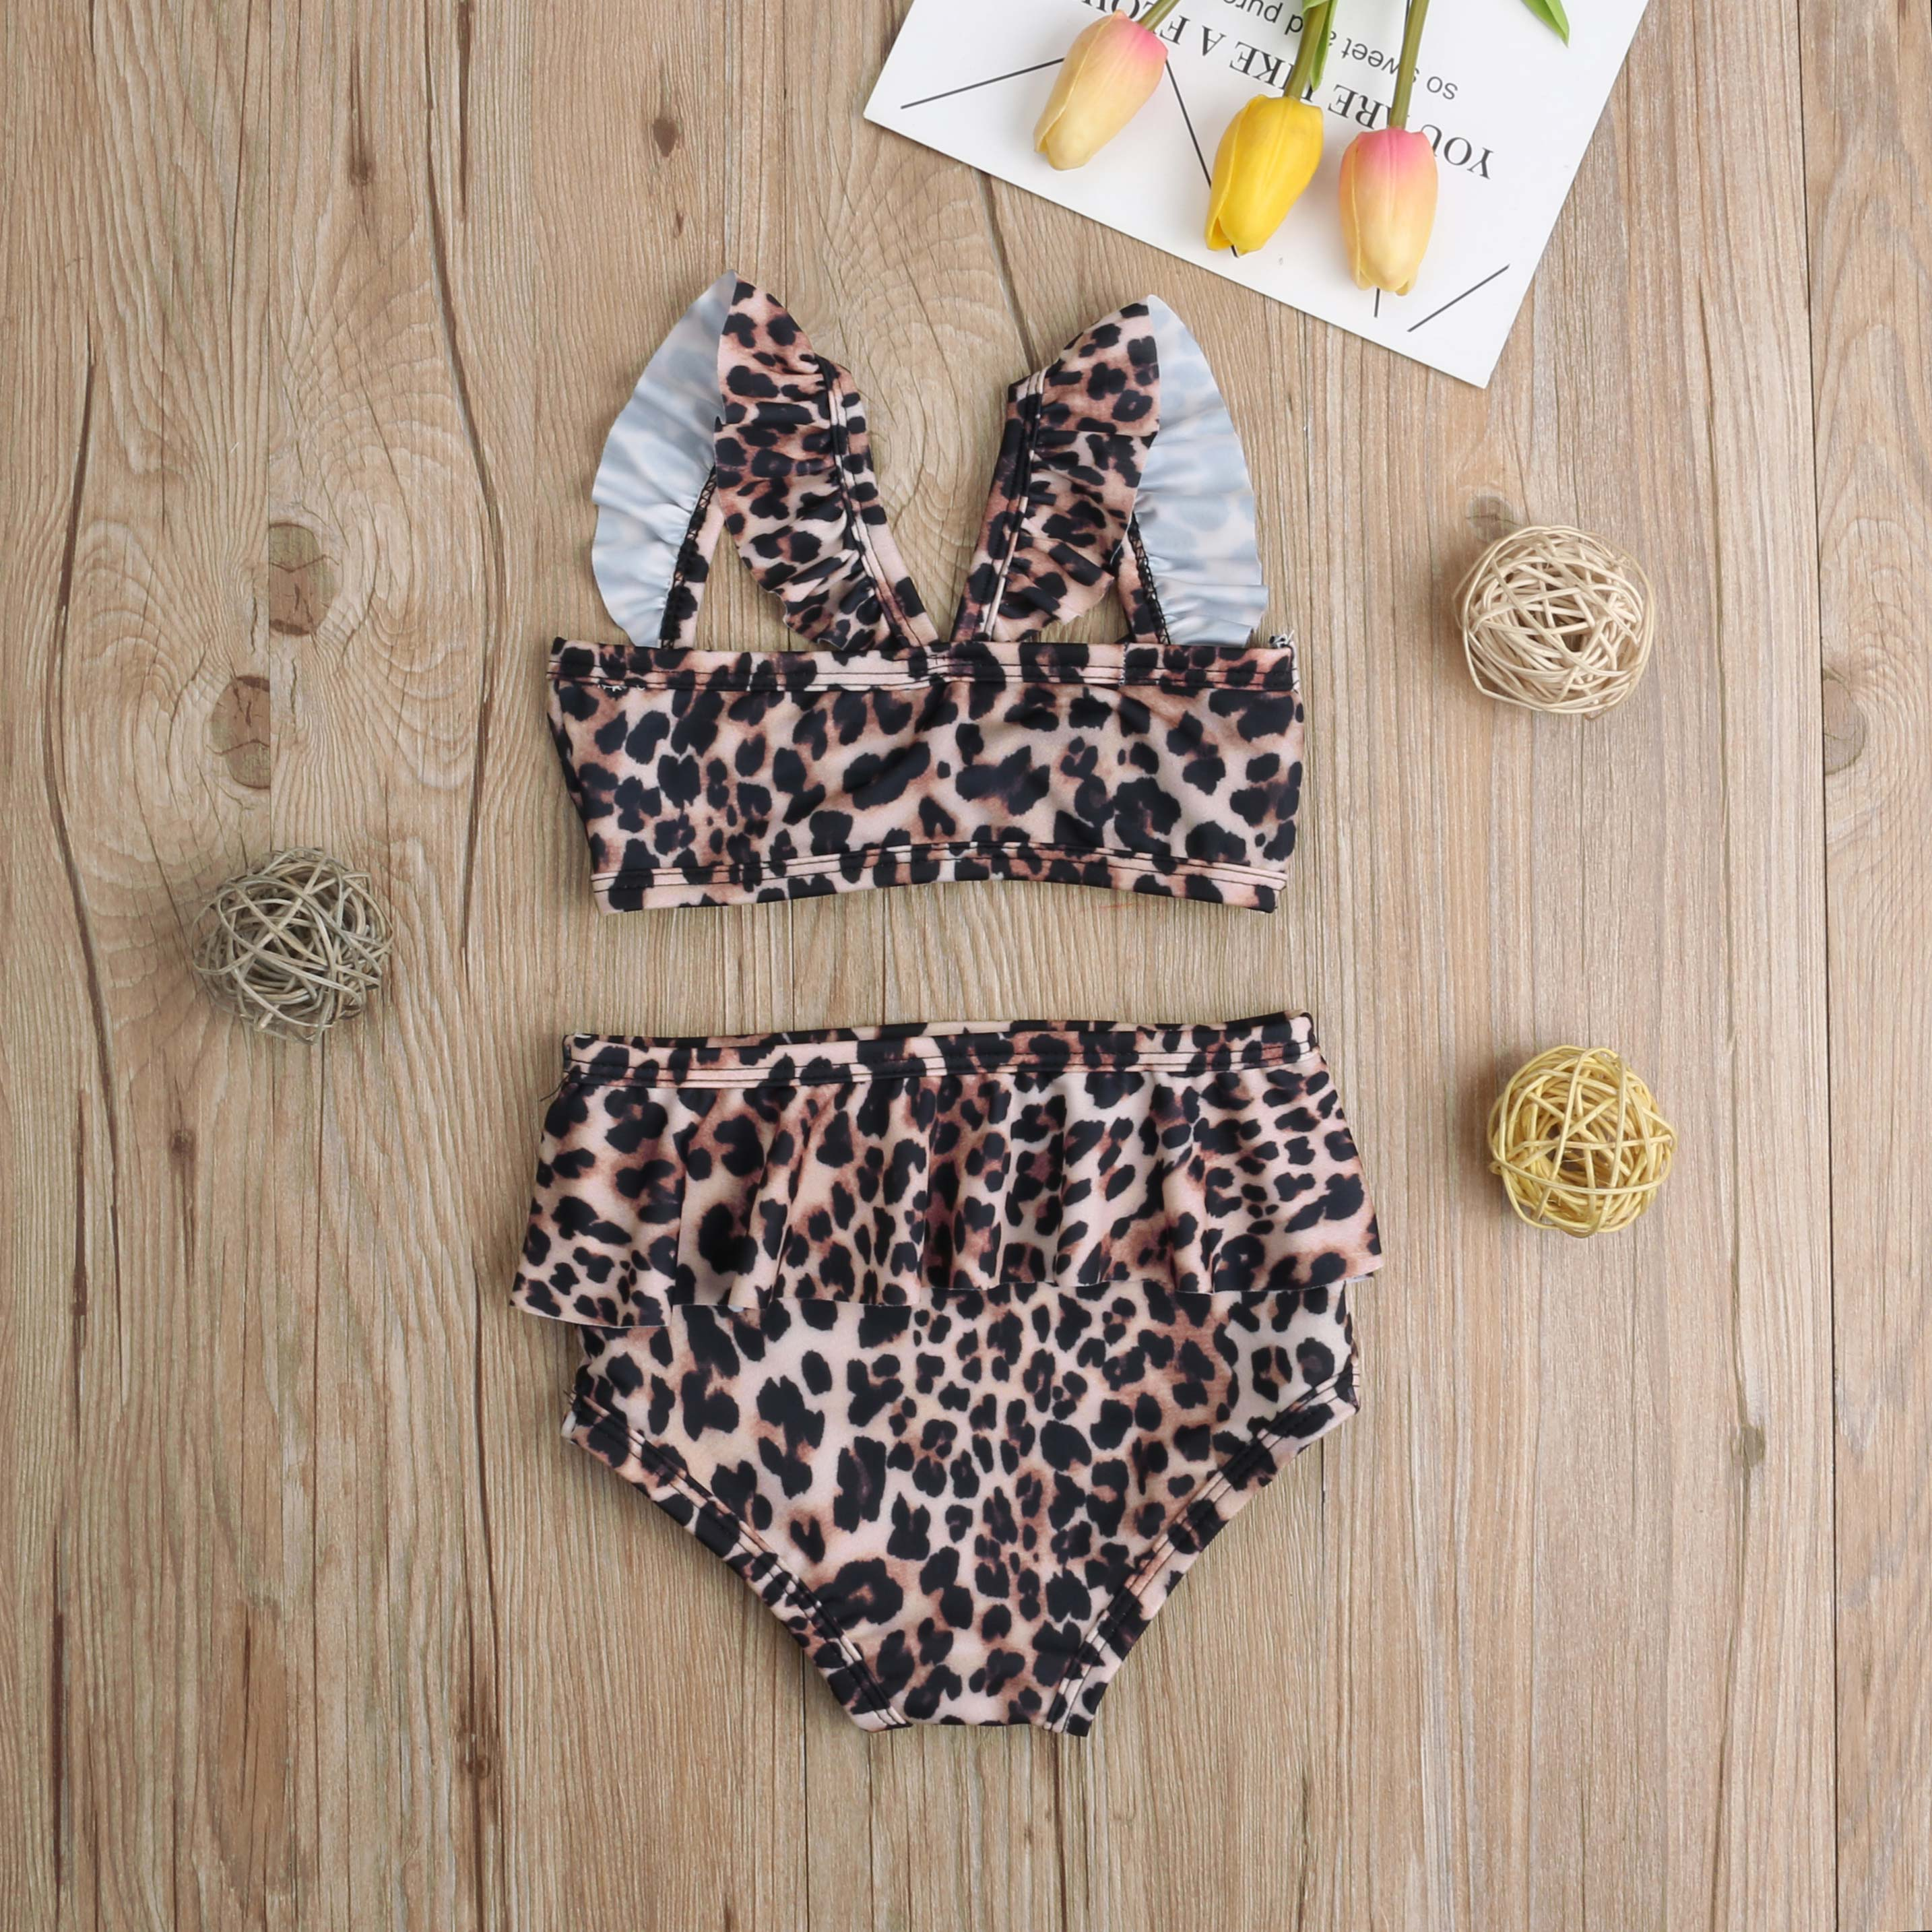 Лидер продаж, комплект из 2 предметов для маленьких девочек, Леопардовый цветочный принт, купальный костюм, бандаж, оборки, детский пляжный л... 18